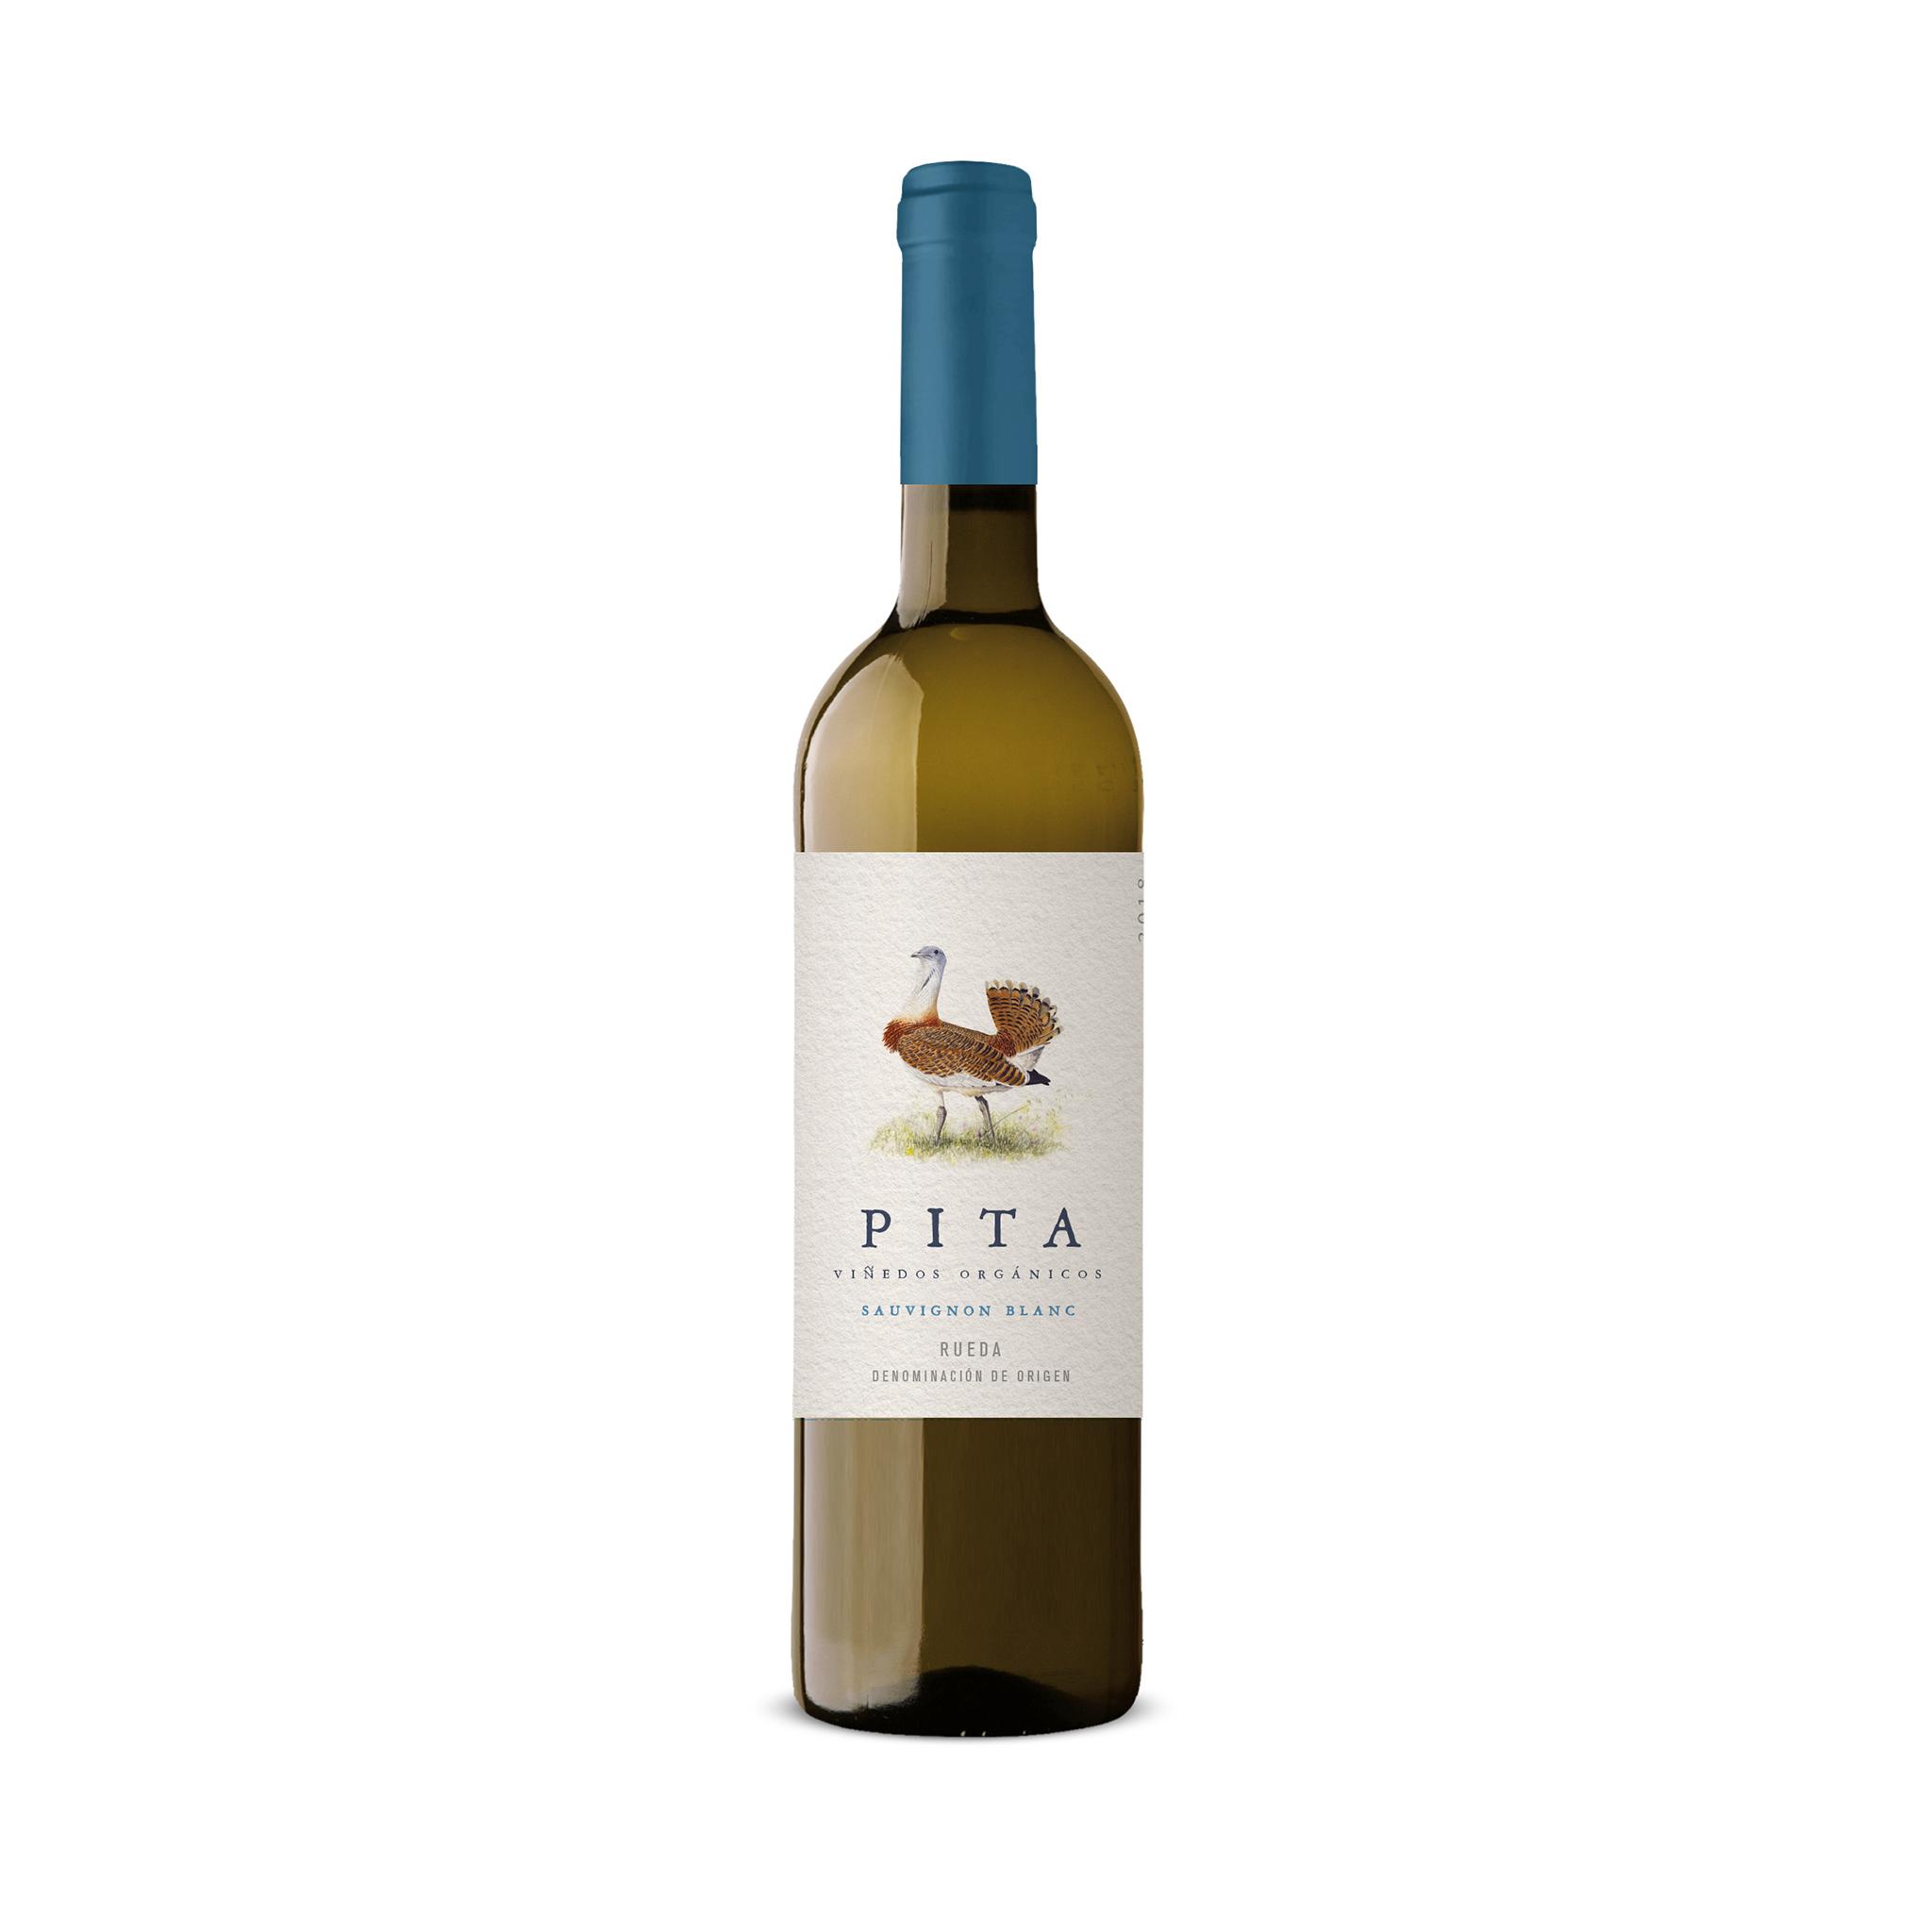 PITA_SB_botella